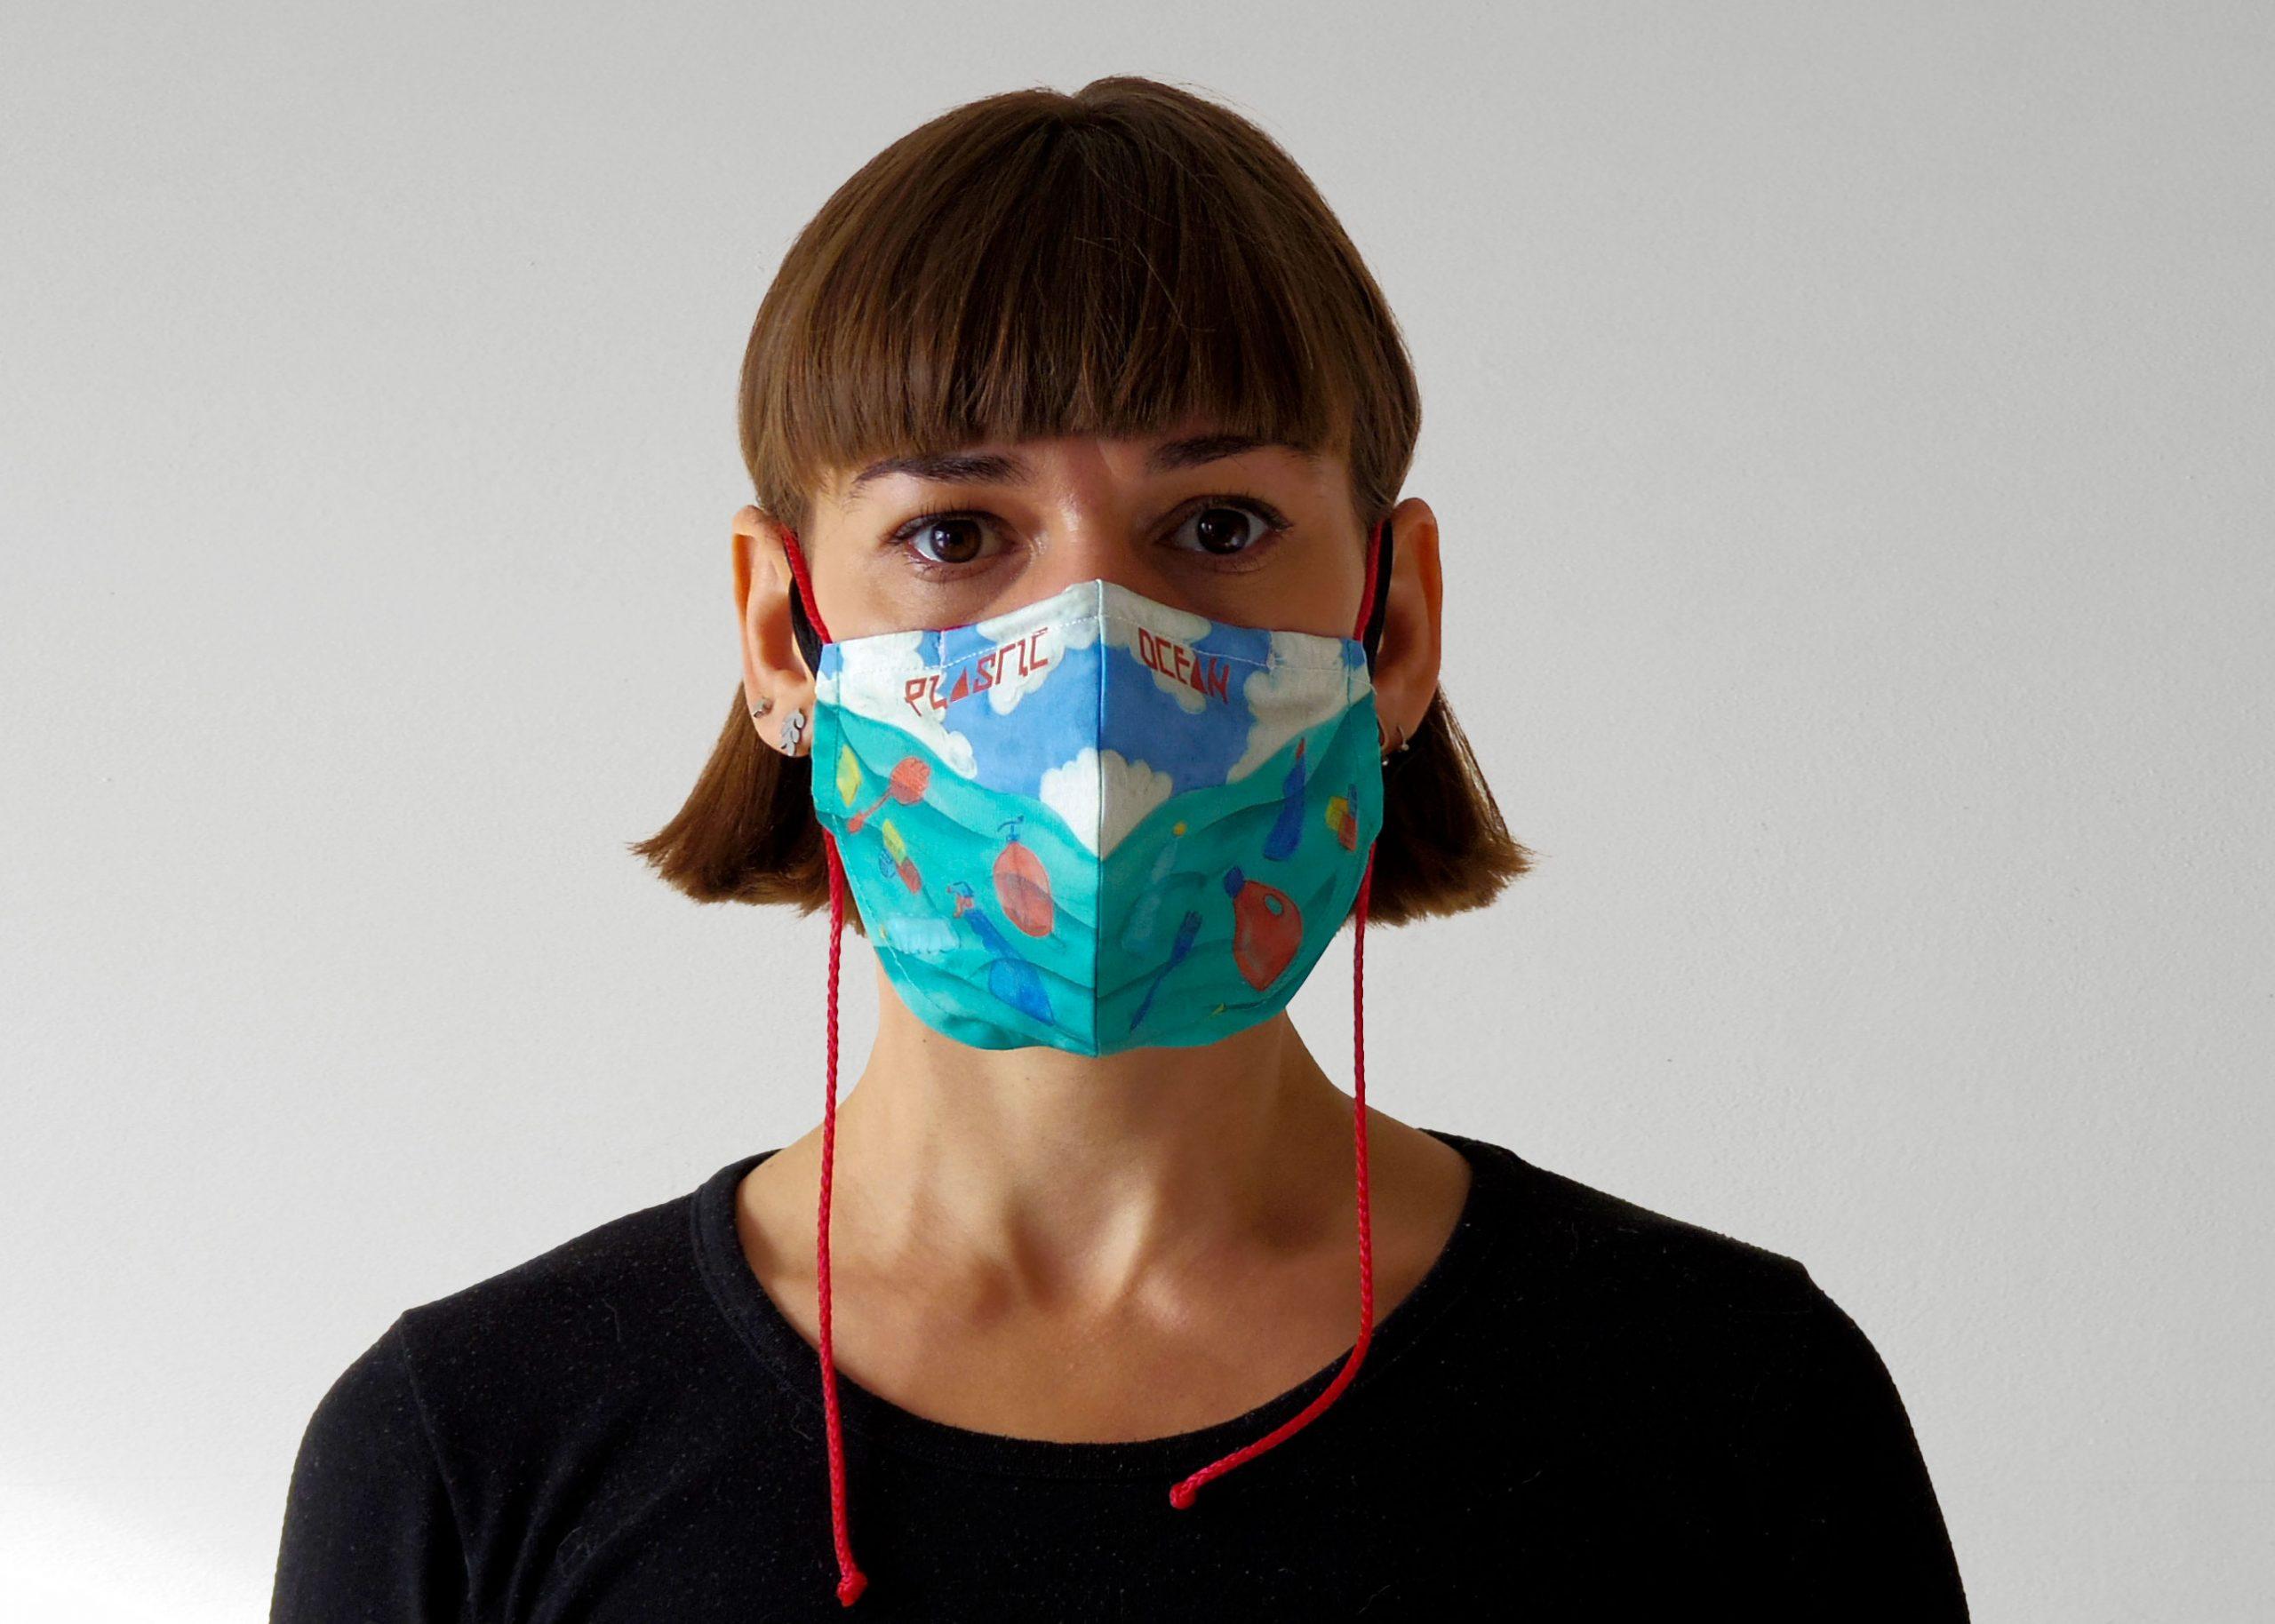 face-mask-carla-rod-climate-change-landscape-plastic-ocean-habitat-loss-pattern-art-watercolor-design-front-view